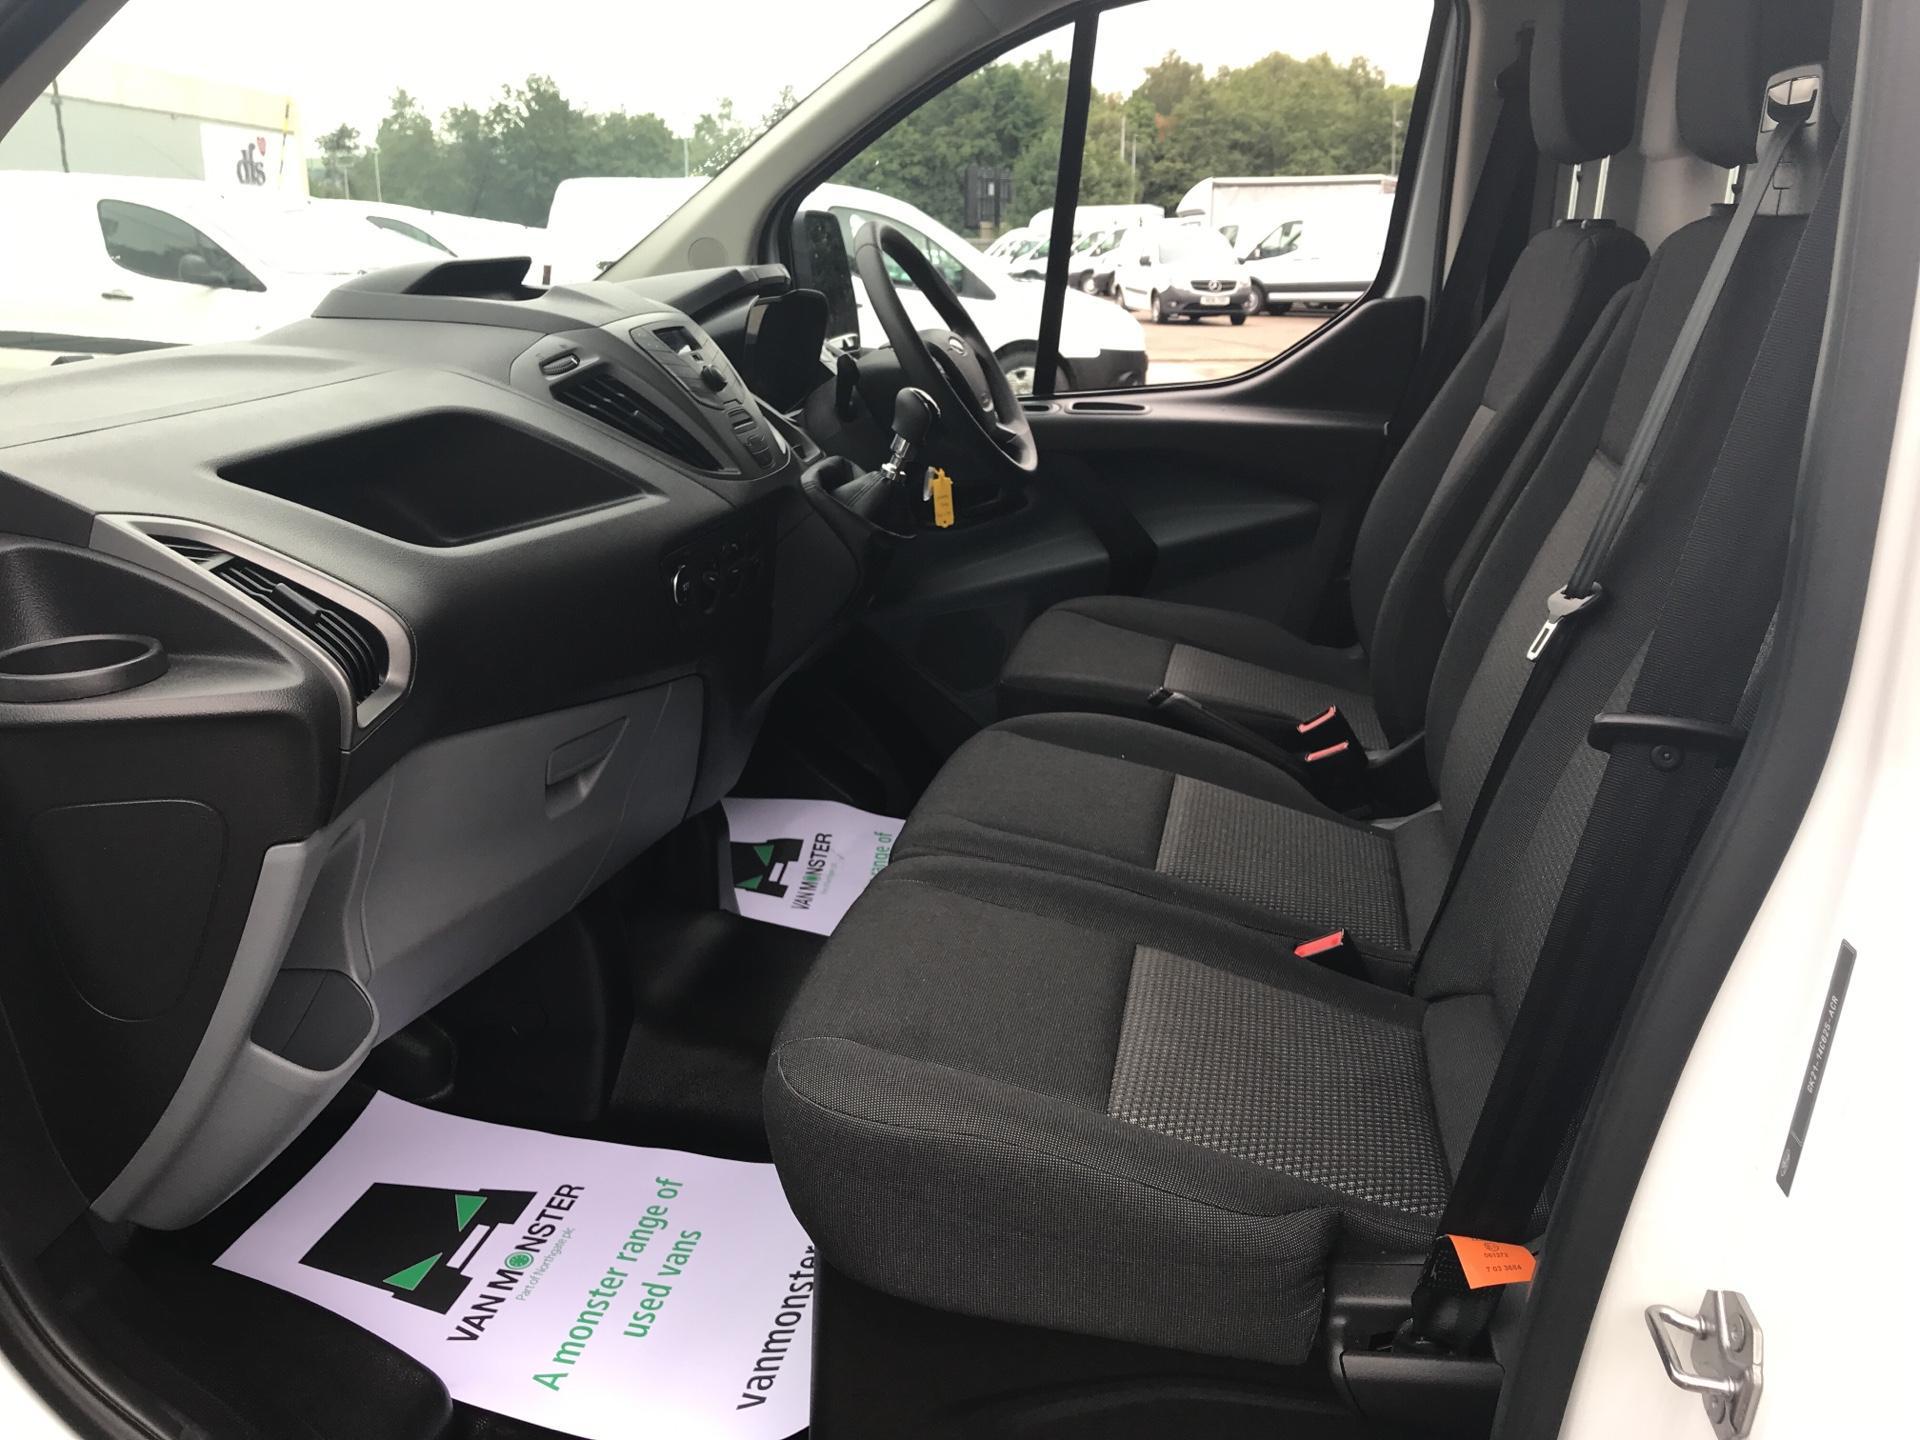 2017 Ford Transit Custom 270 L1 DIESEL FWD 2.2 TDCI 105PS LOW ROOF VAN EURO 5 (SK17ZYG) Image 14